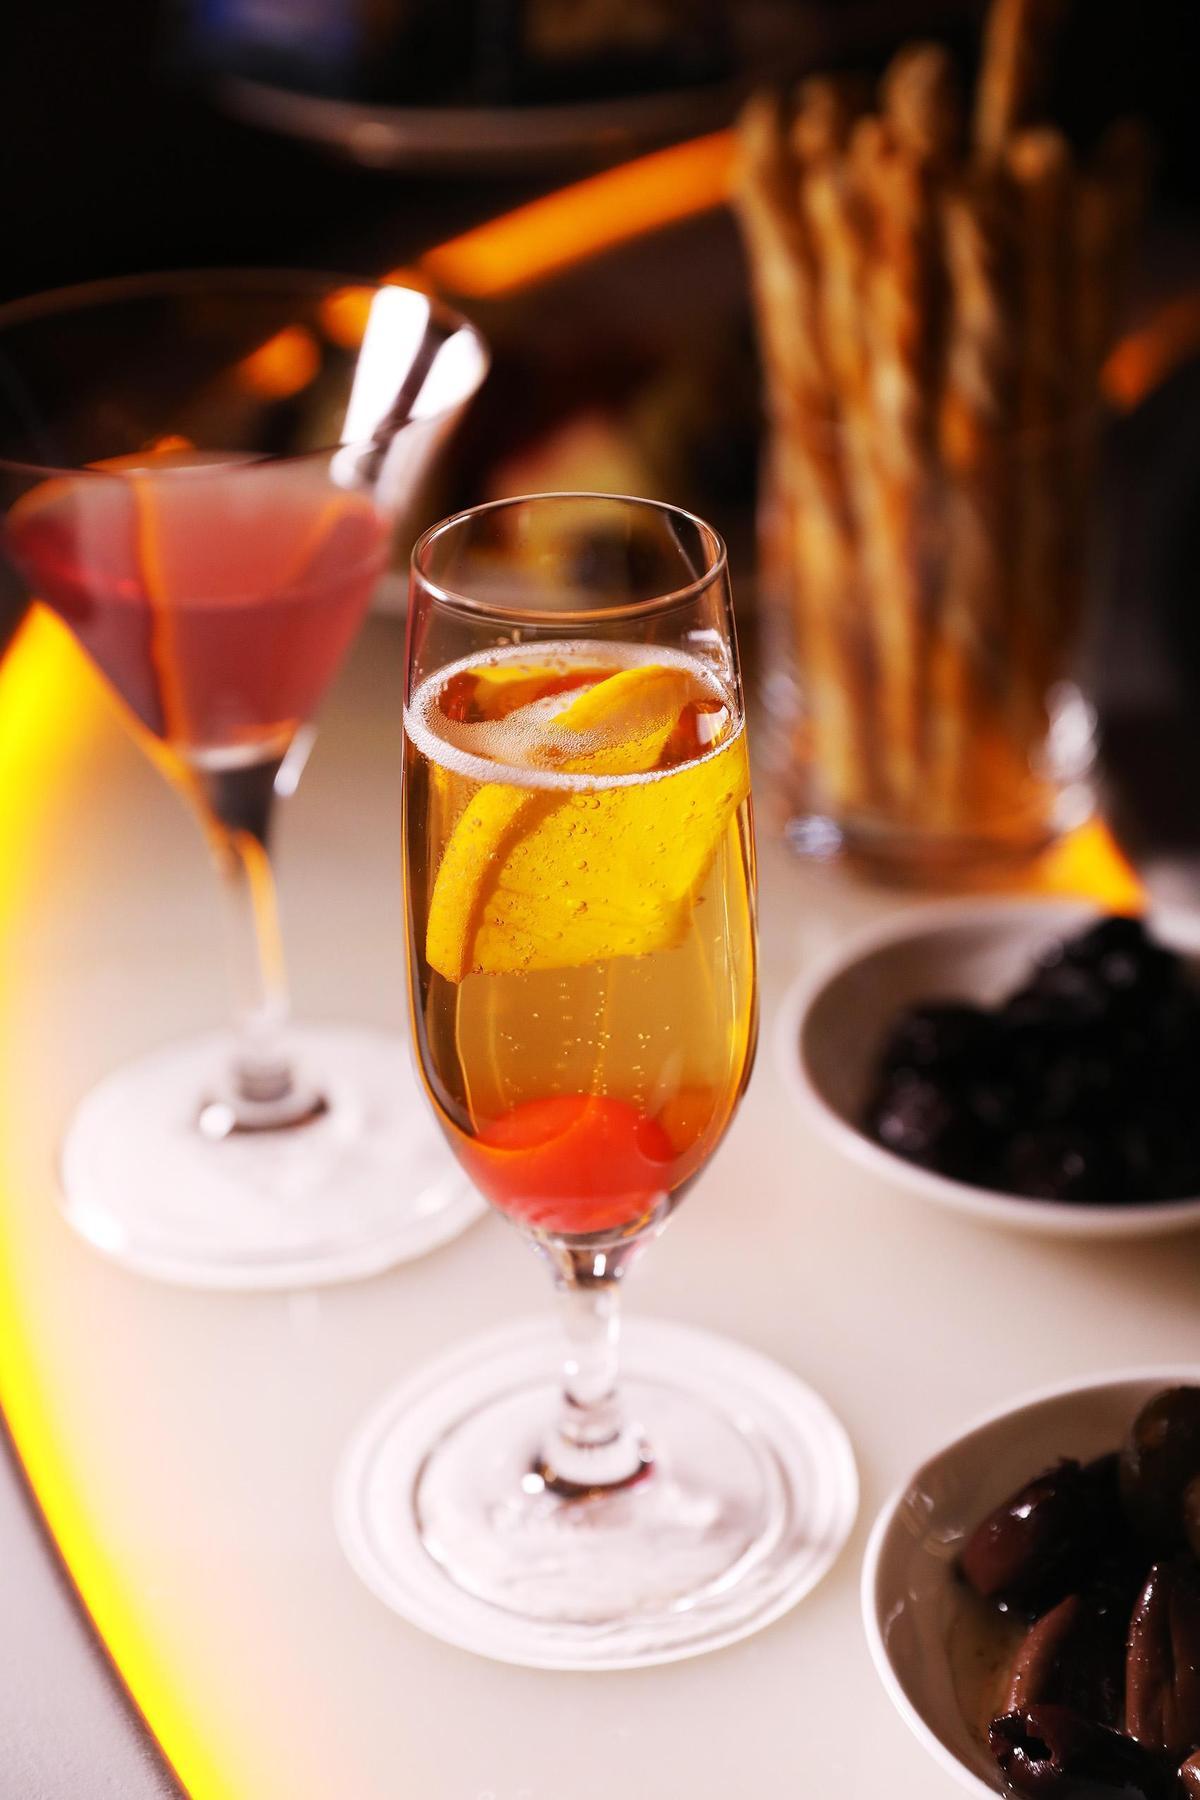 搭配香檳、苦艾酒與水果調製的「經典香檳雞尾酒」是款易喝好看的雞尾酒。